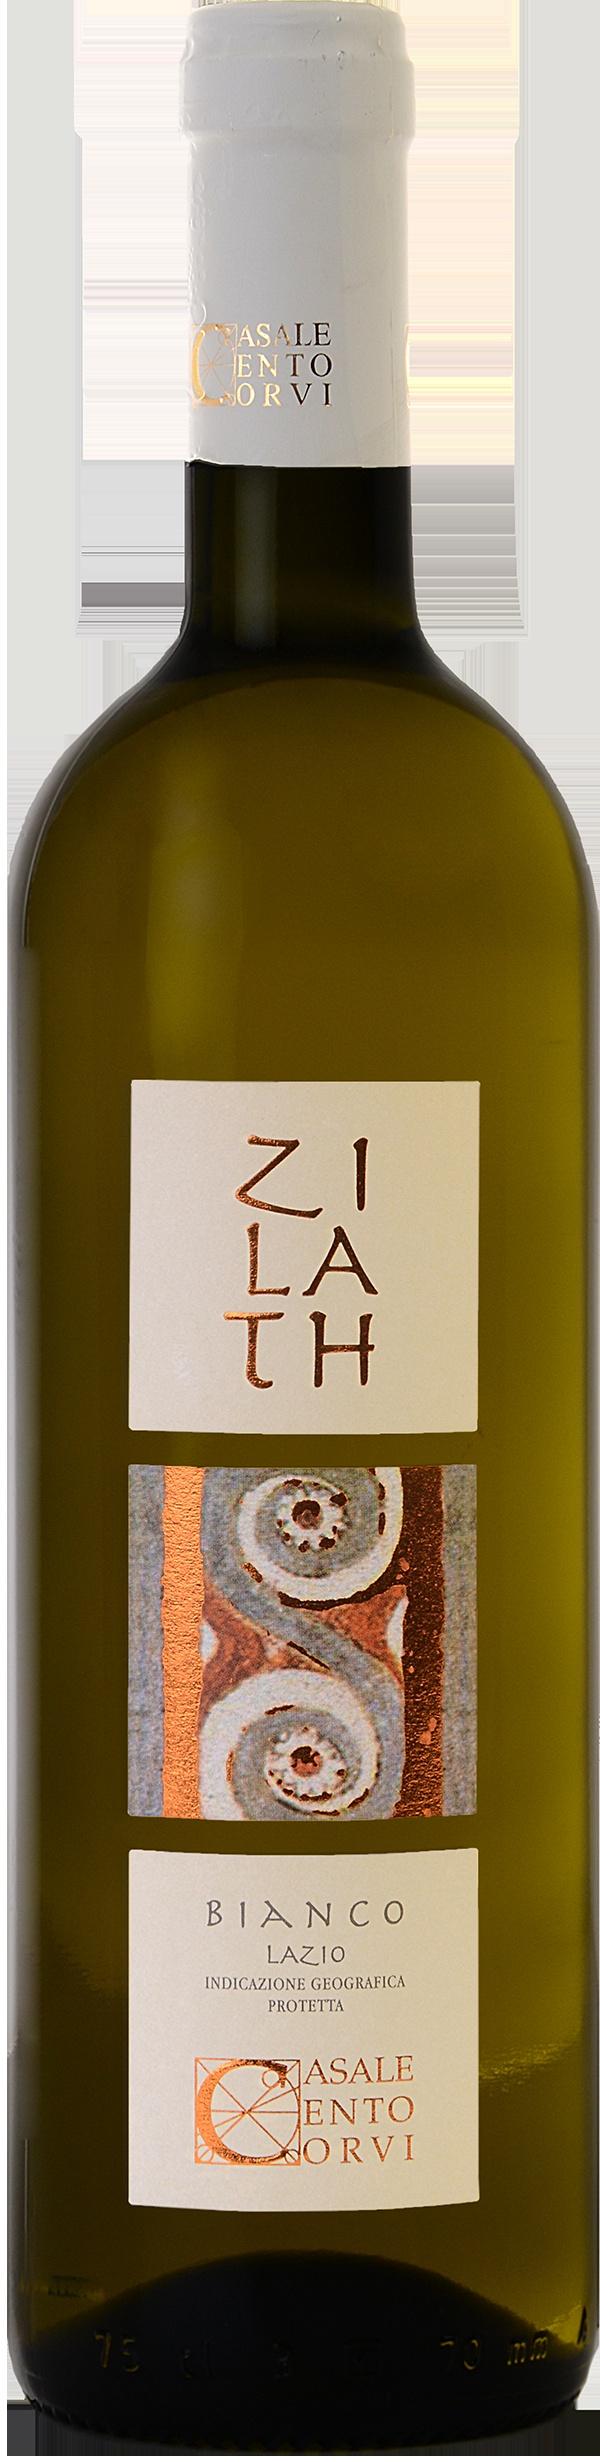 ZILATH BIANCO  La parola Zilath deriva dal nome della carica magistrale del popolo etrusco. Questo vino va a rappresentare la tipicità laziale per eccellenza con l'utilizzo dei due vitigni più comuni, il Trebbiano e Malvasia che vanno ad esprimere sensualità al naso e freschezza al palato, il tutto coadiuvato da una piccola percentuale di un uva elegante, lo Chardonnay che va a completare questo vino, arricchendolo di sensazioni gusto/olfattive.